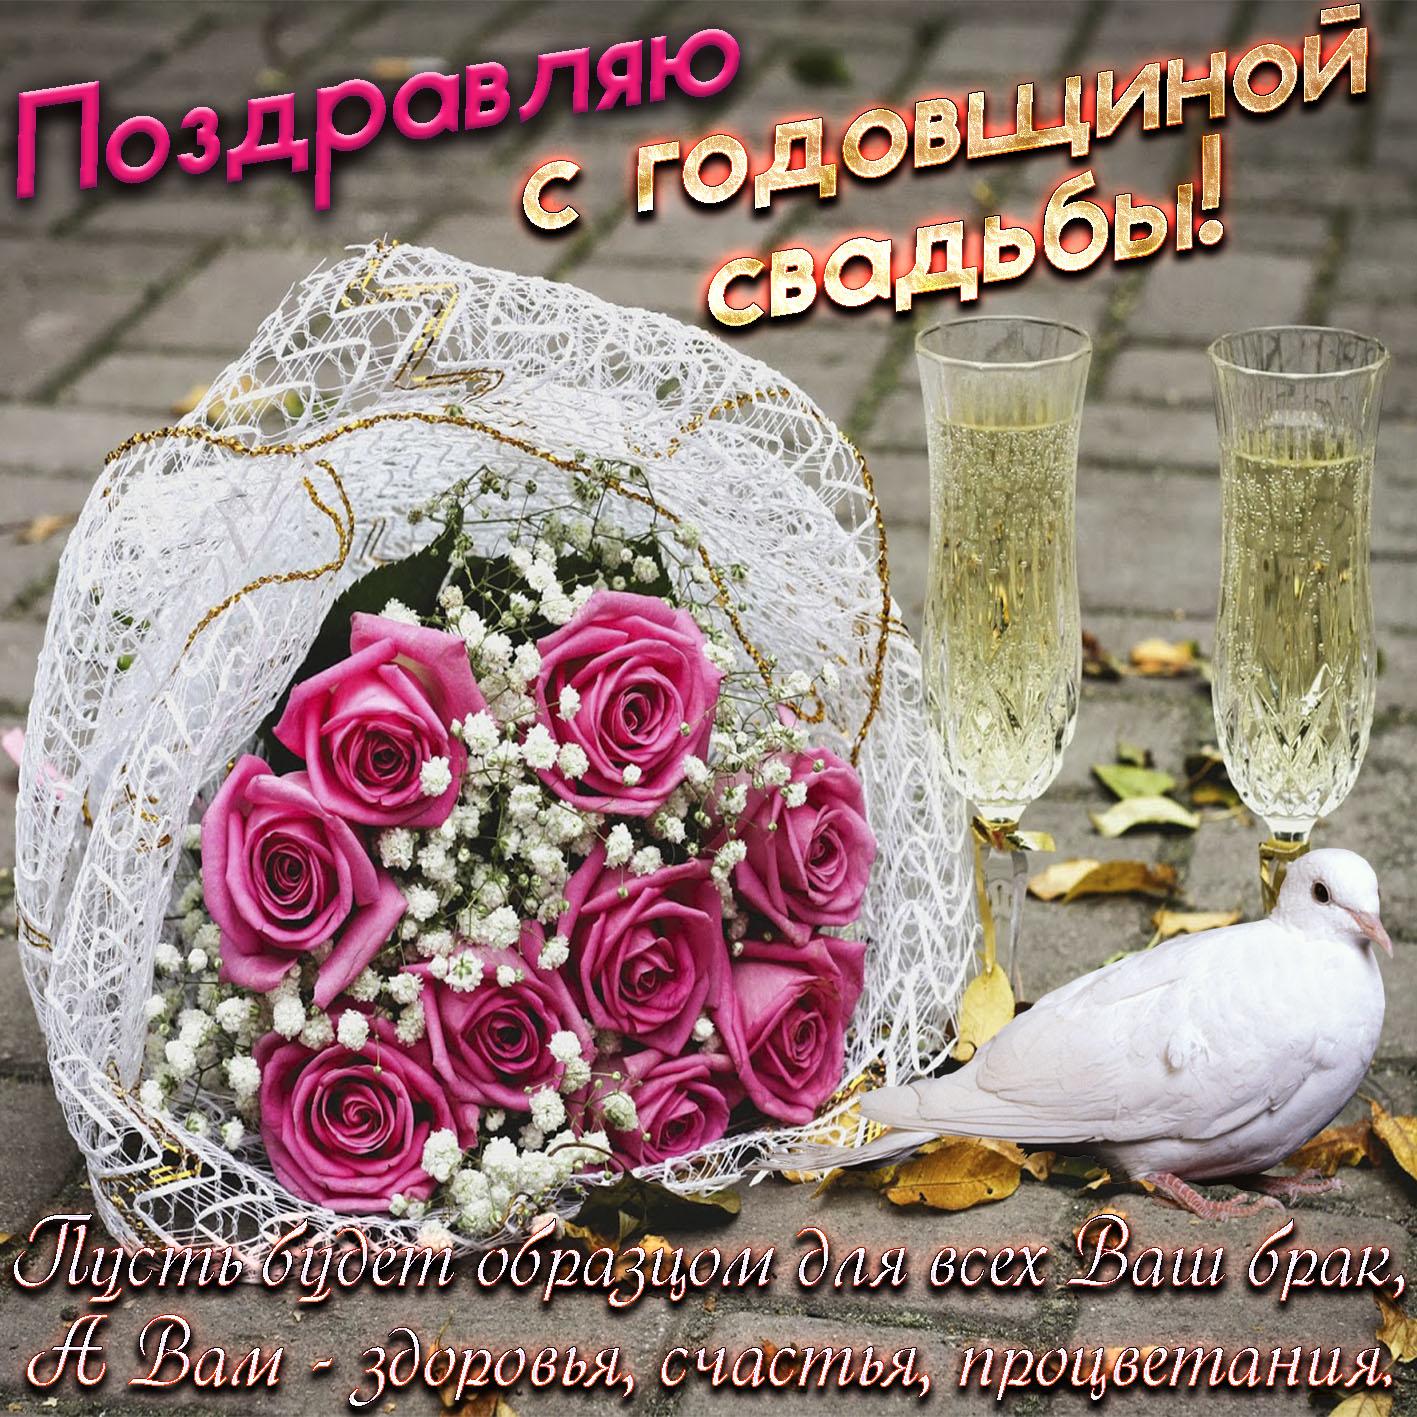 Открытка с розами и фужерами шампанского на годовщину свадьбы